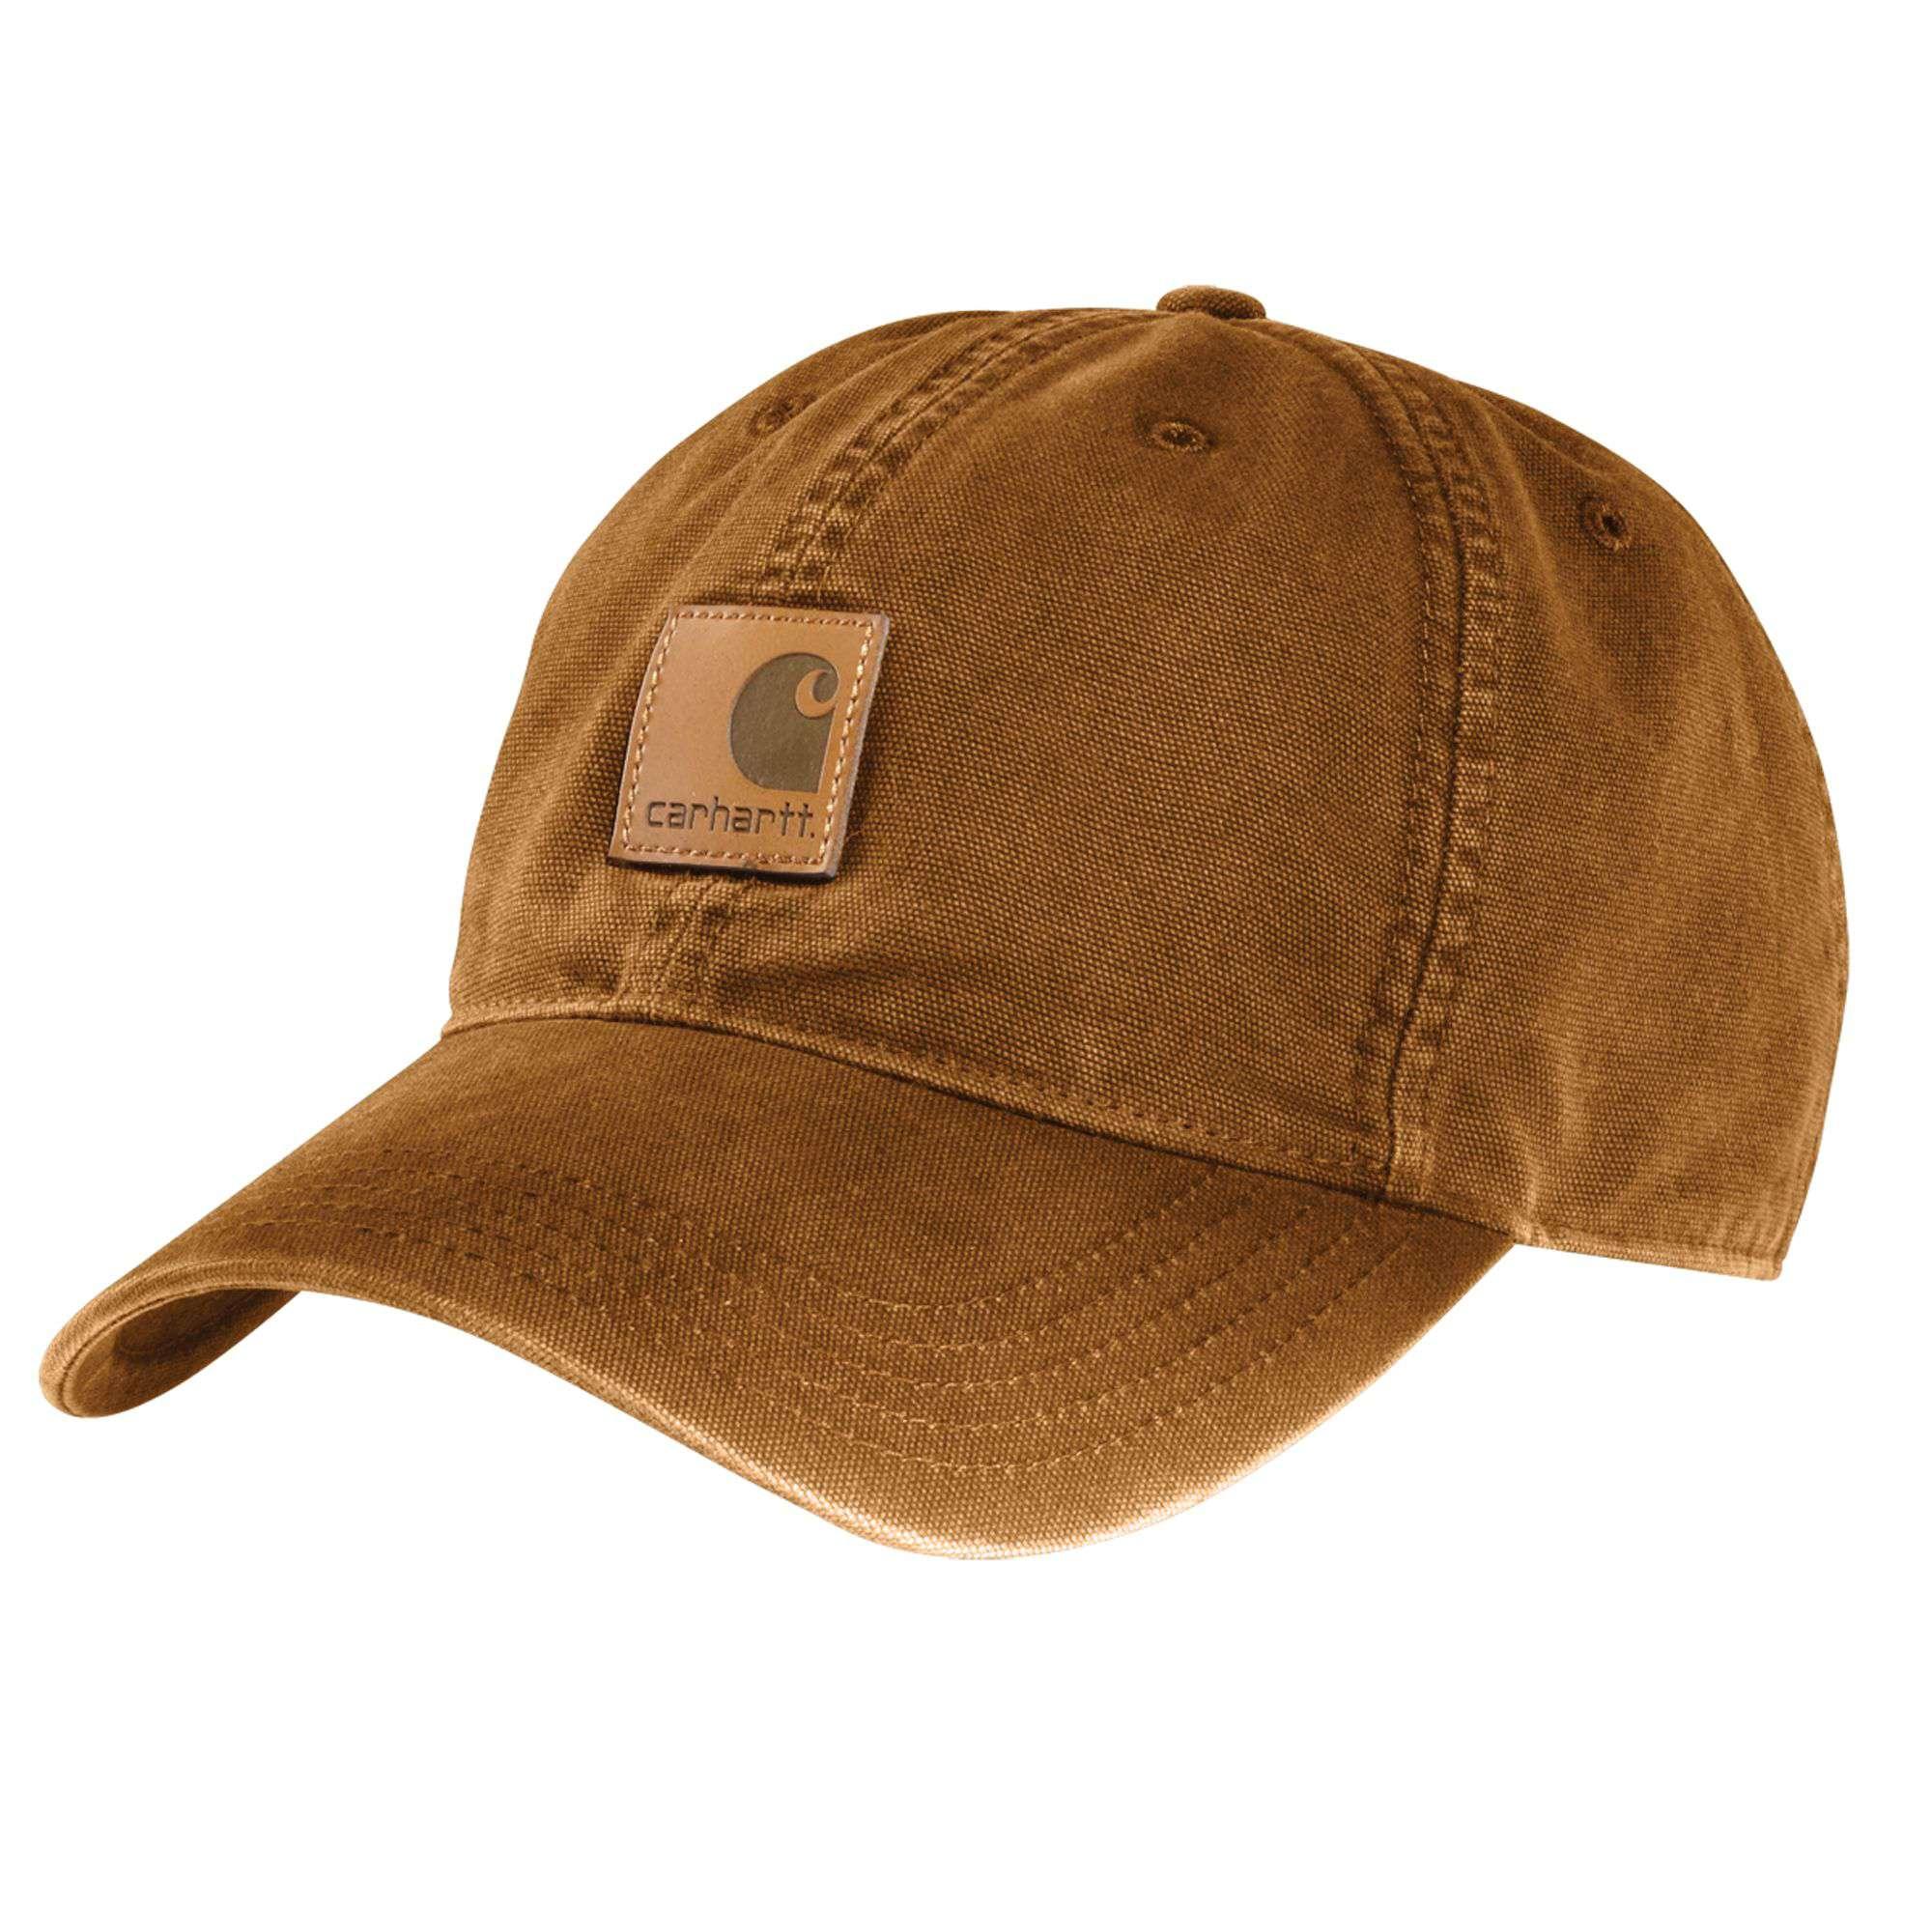 Odessa Cap, Brown, swatch